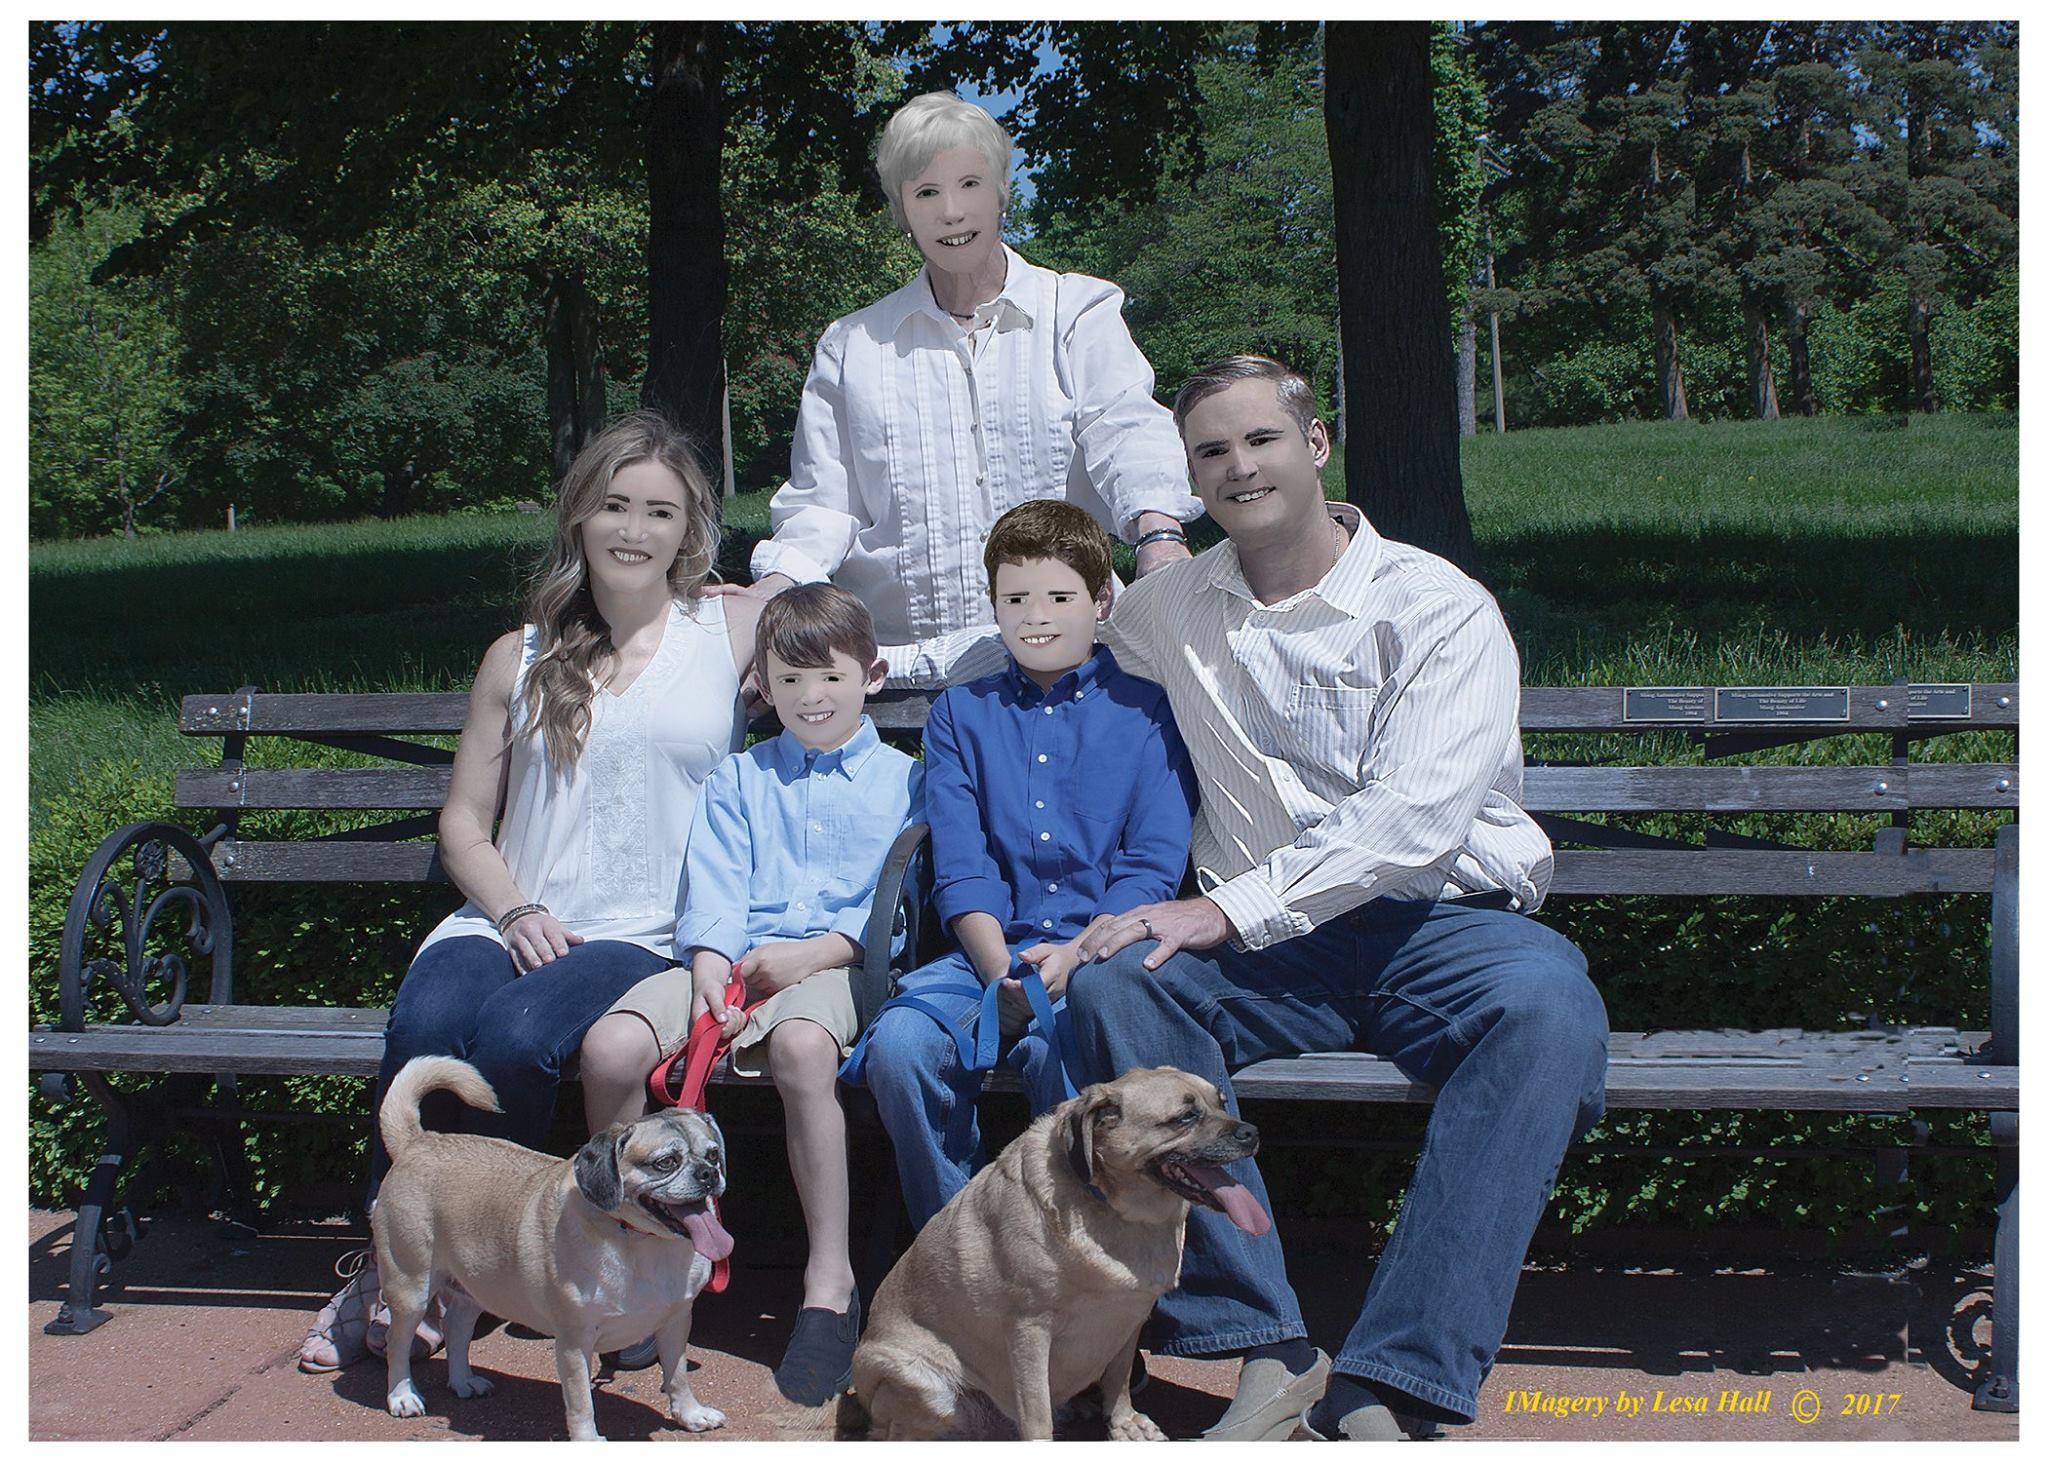 Фотосессия американской семьи удивила пользователей сети